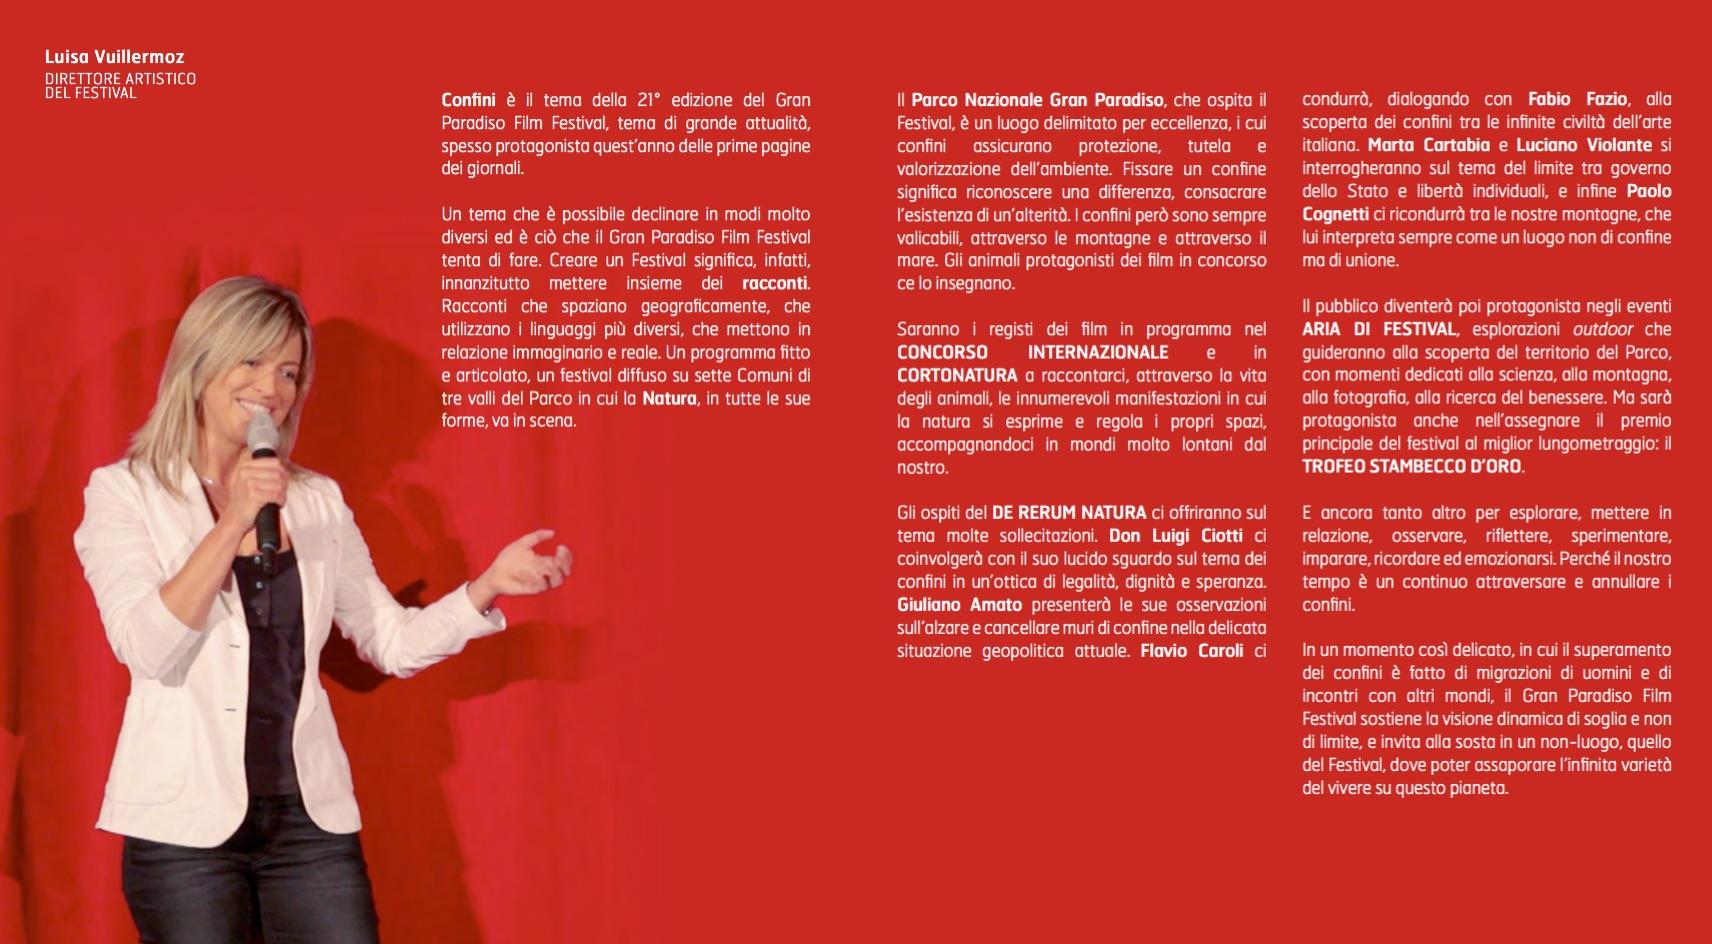 GPFF edizione 21 - presentazione direttore artistico